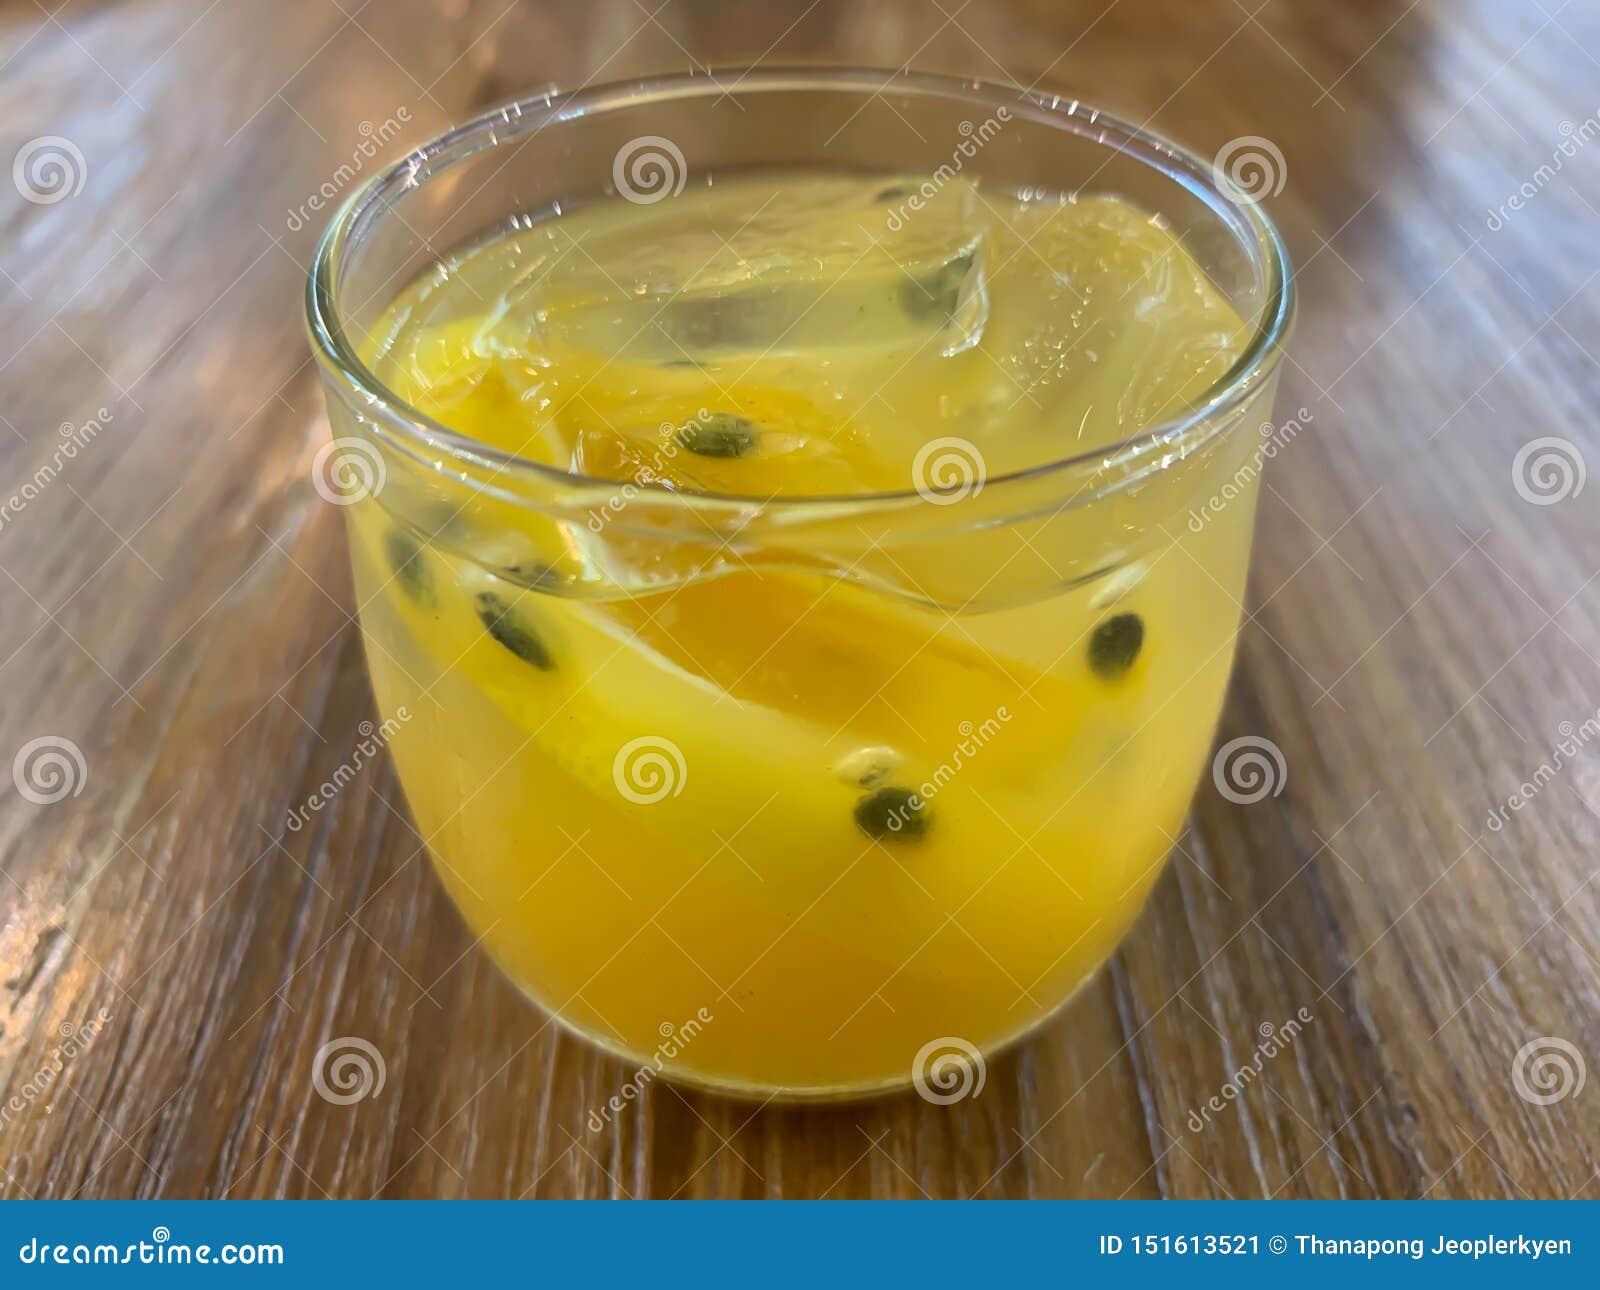 一杯西番莲果汁背景